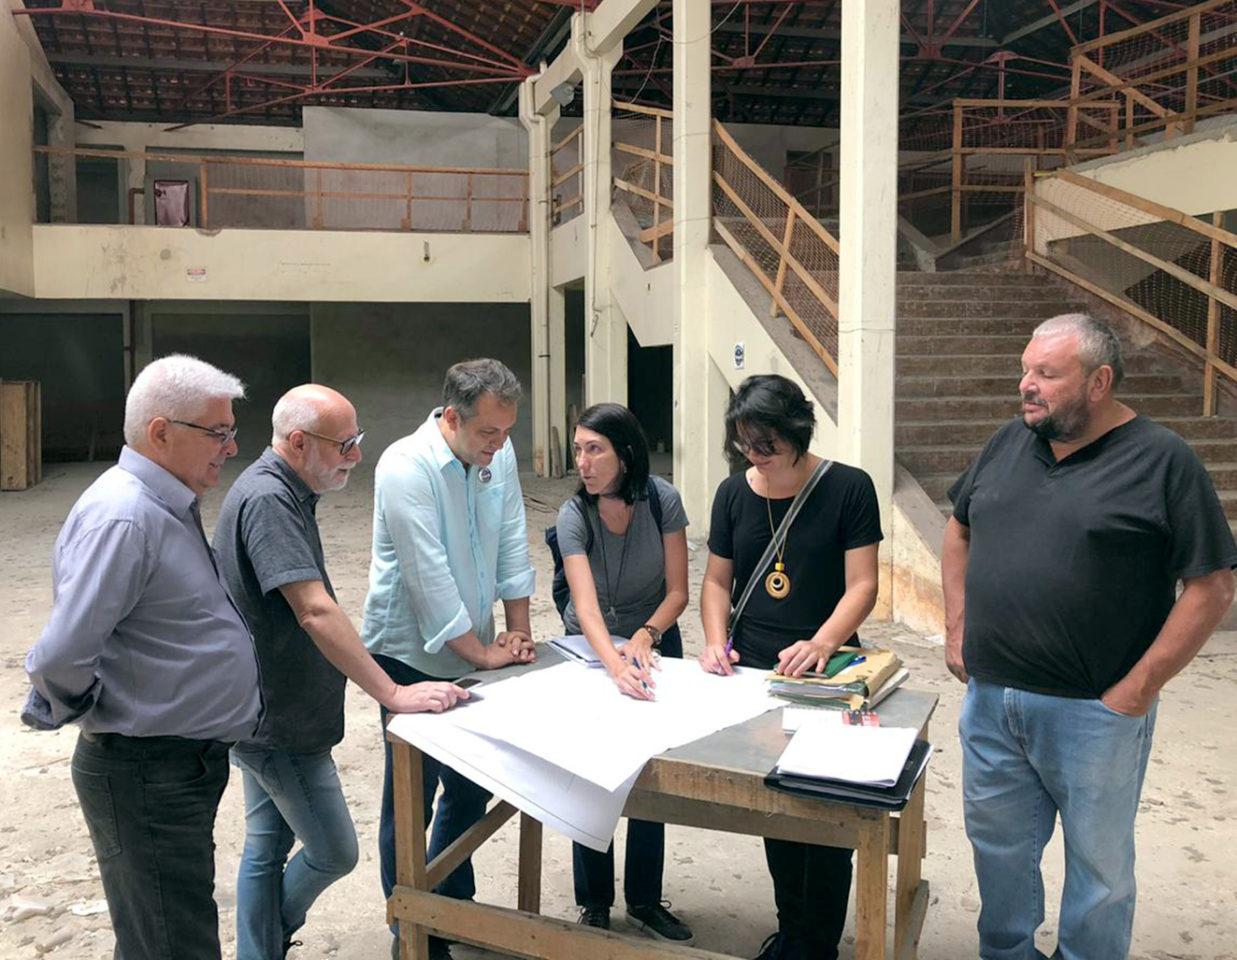 Saguão de edifício em obras, com pessoas ao redor de bancada, olhando para papeis com plantas arquitetônicas